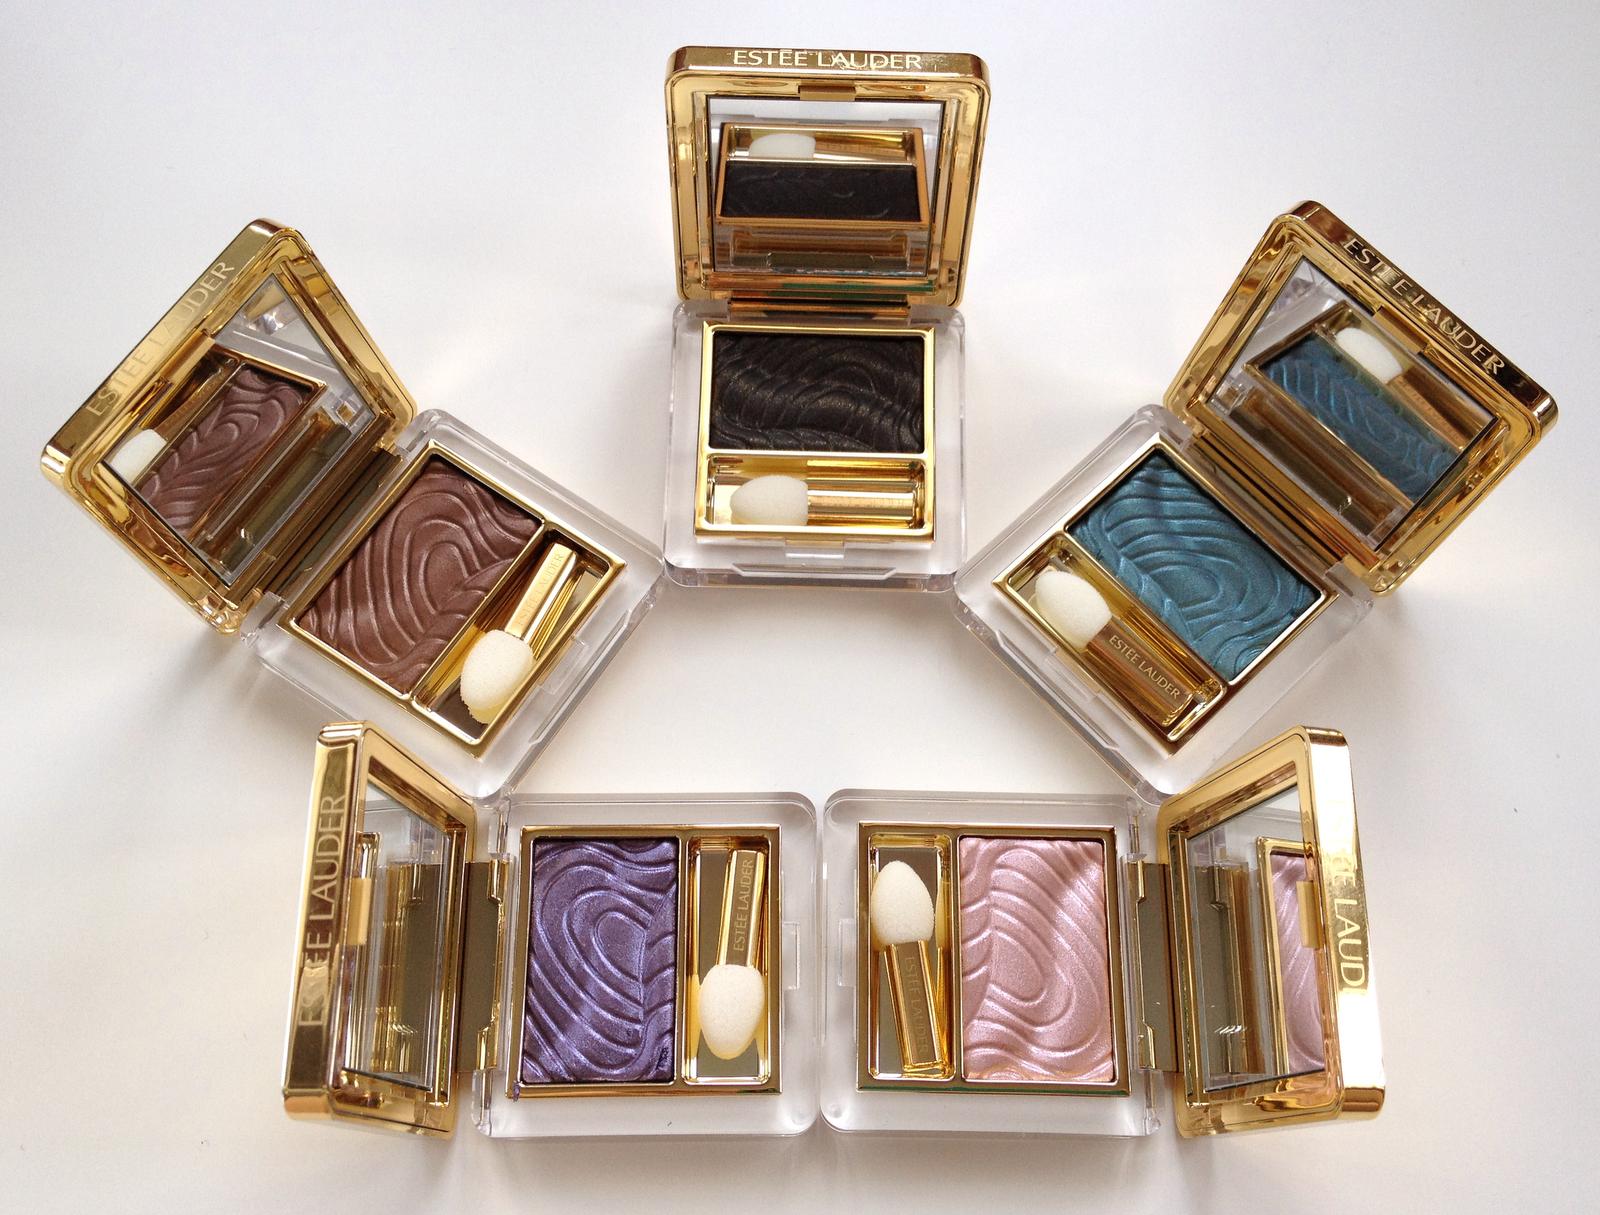 Metallisk øyesminke. Pure Color Gelée Powder EyeShadow fra Estee Lauder. Pure Color Gelée Powder EyeShadow fra Estee Lauder.